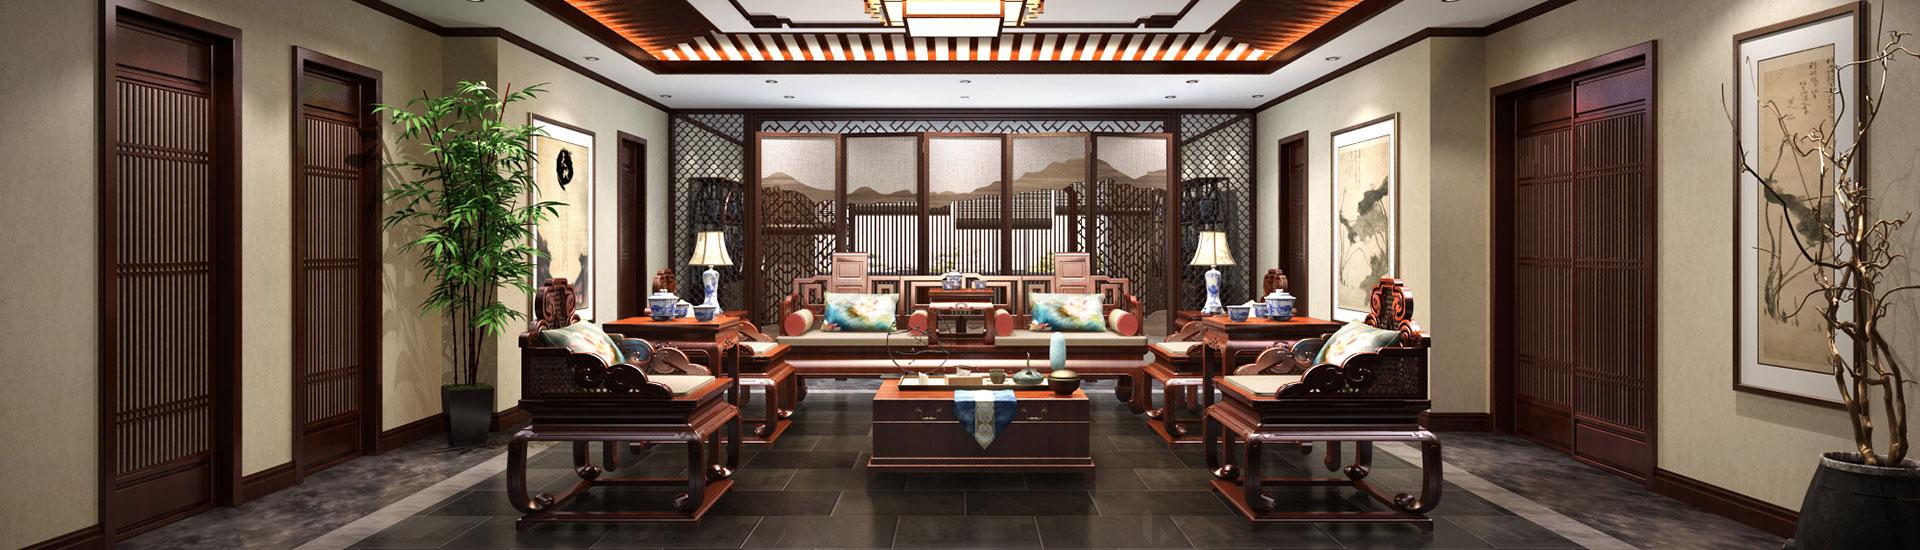 内蒙古600平新古典成德书院中式装修效果图